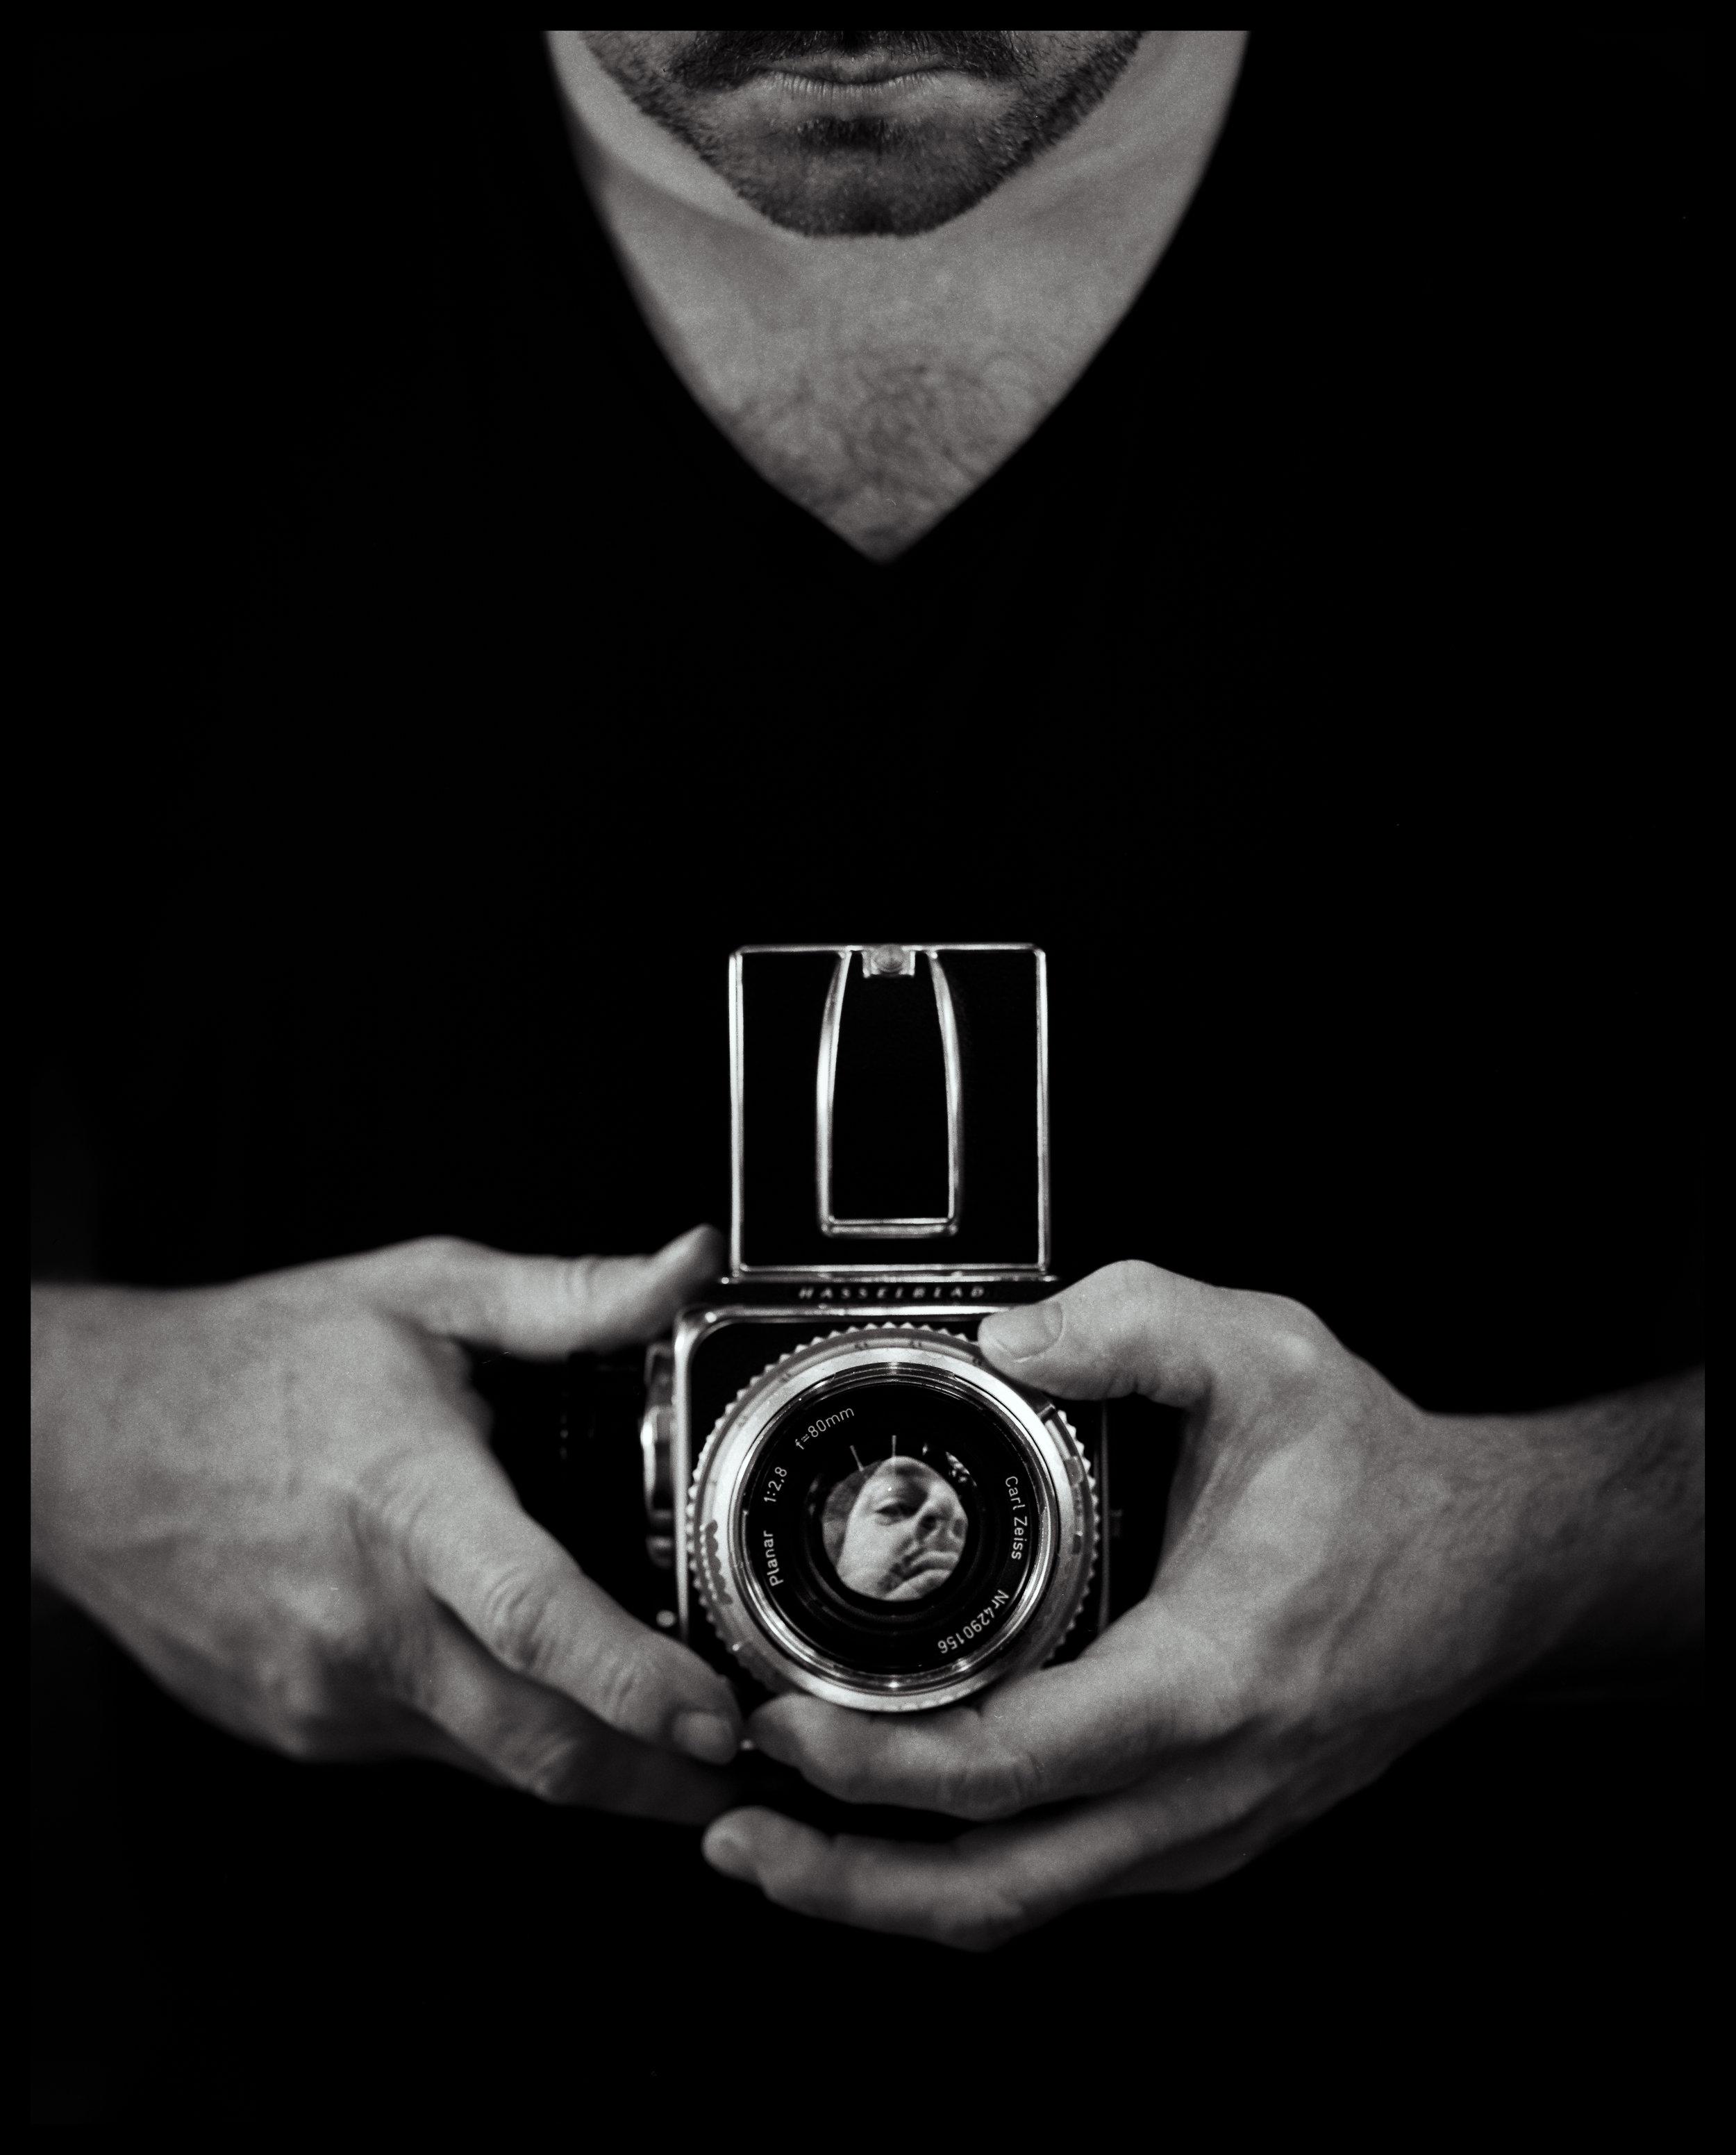 Portrait of a Photographer | Intrepid 5x4 | Schneider 240mm | Ilford HP5 | Darren Rose